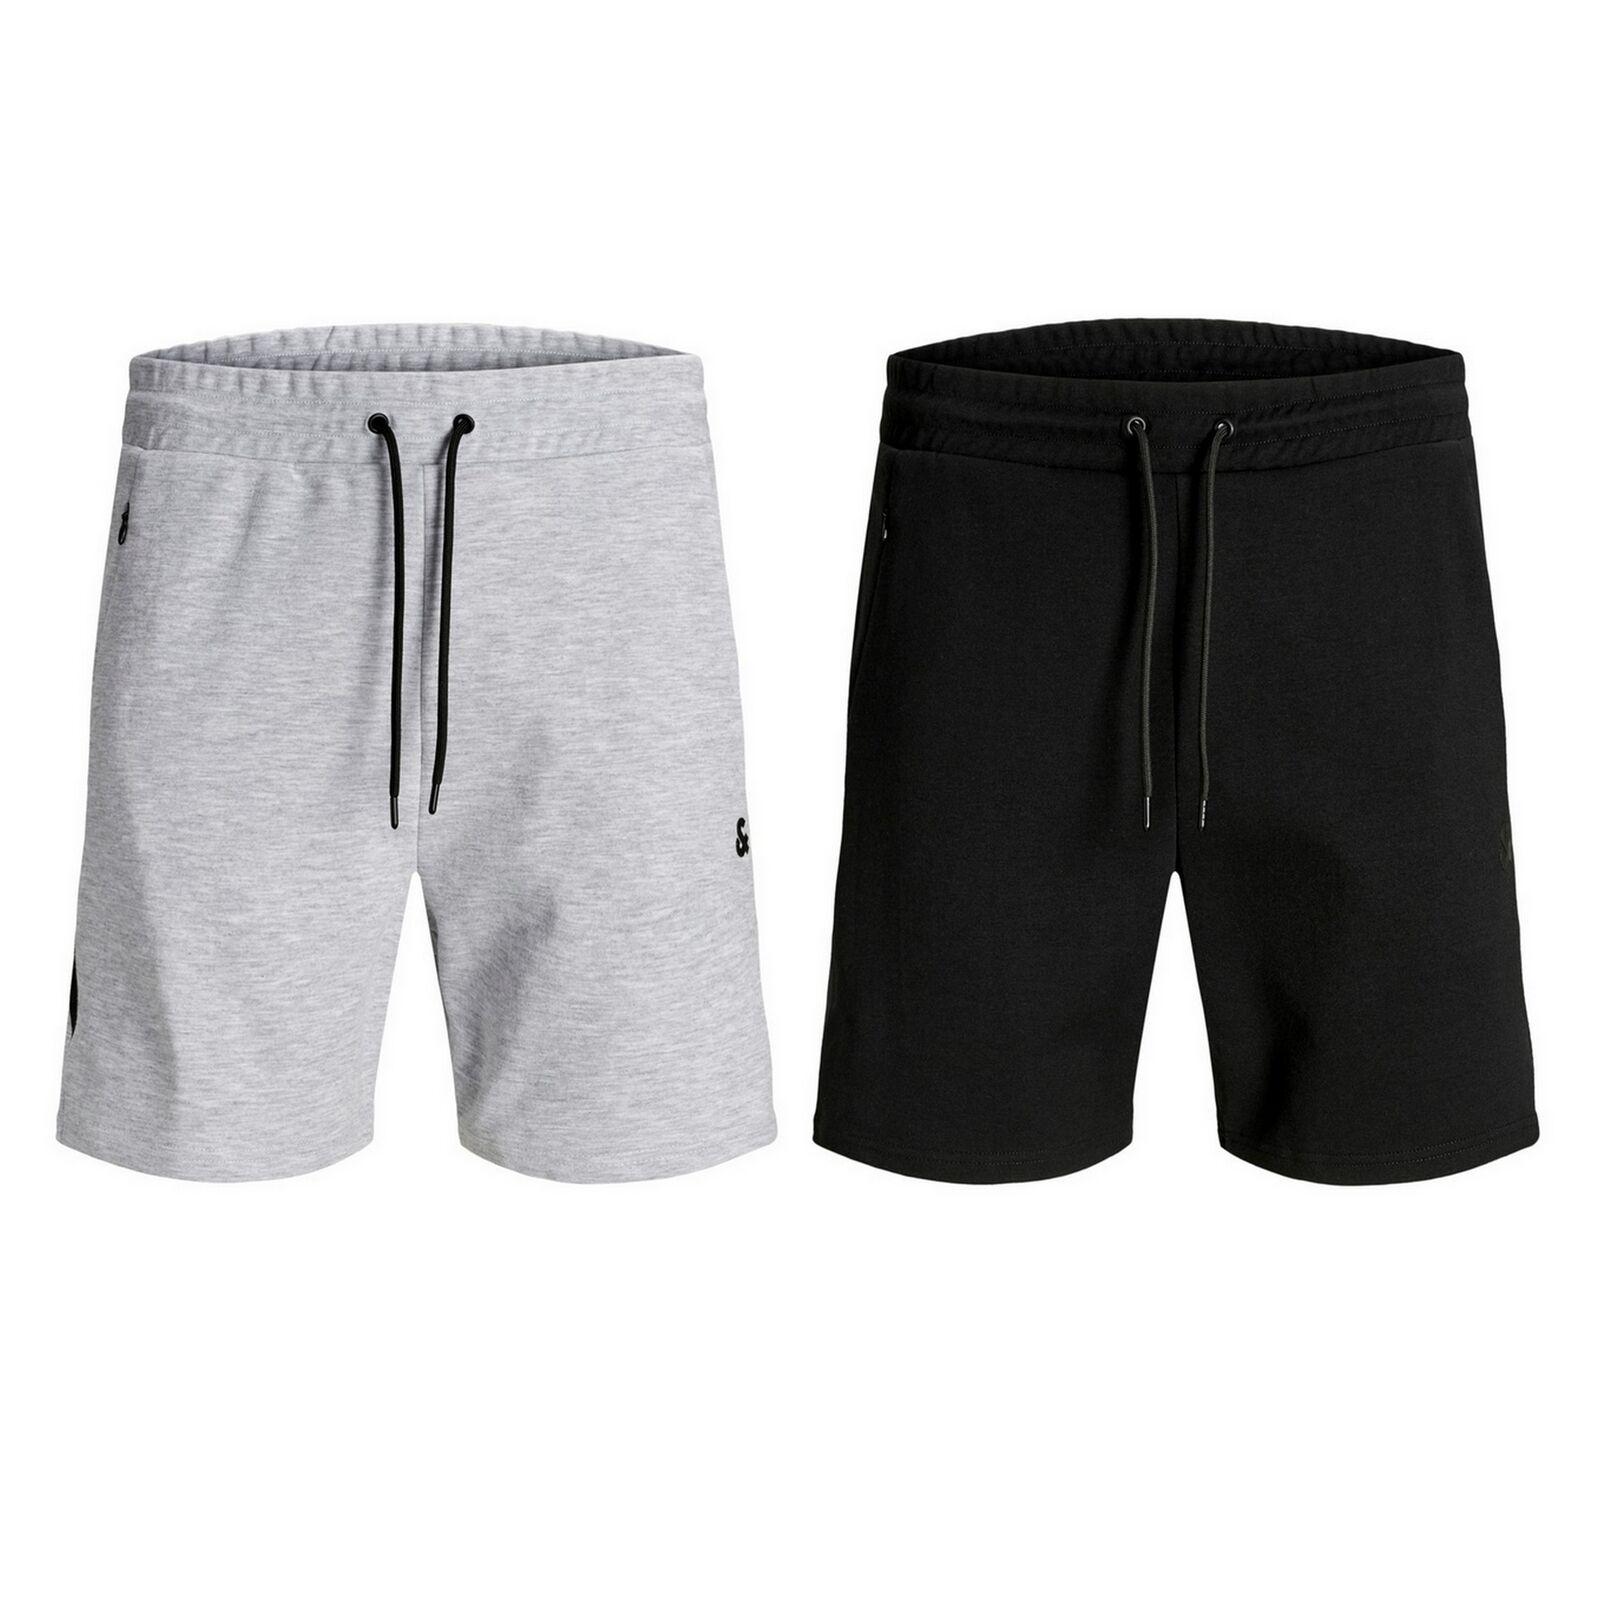 Jack&Jones Hombre Bermuda pantalón corto